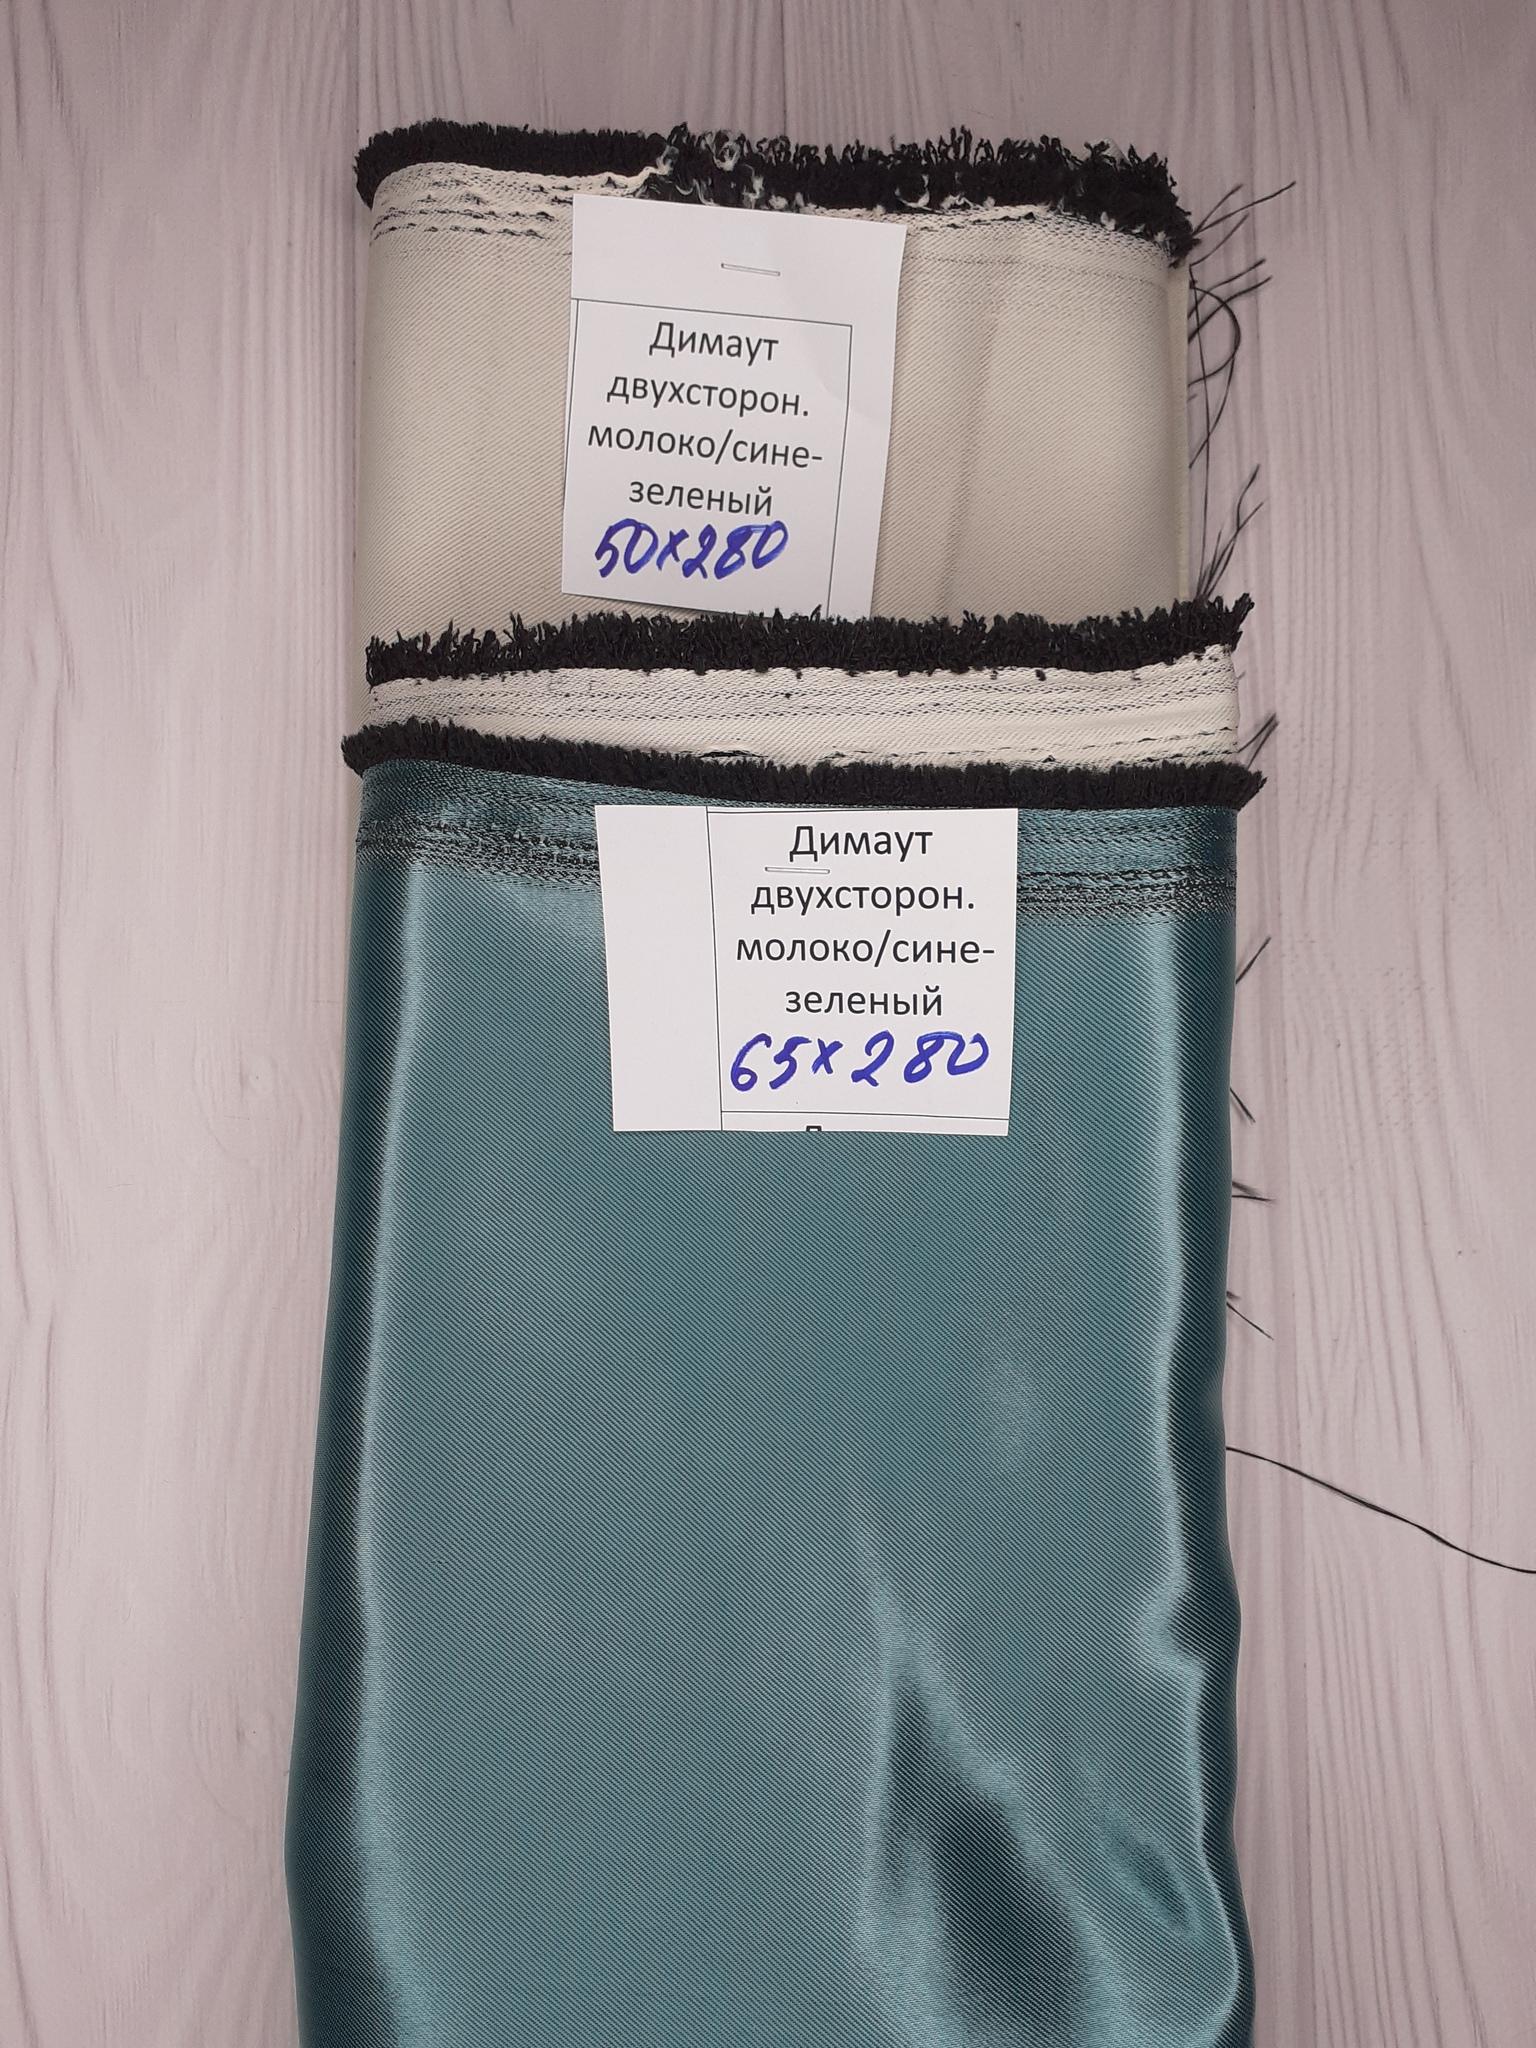 Димаут двухсторонний молоко/сине-зеленый (лоскут)